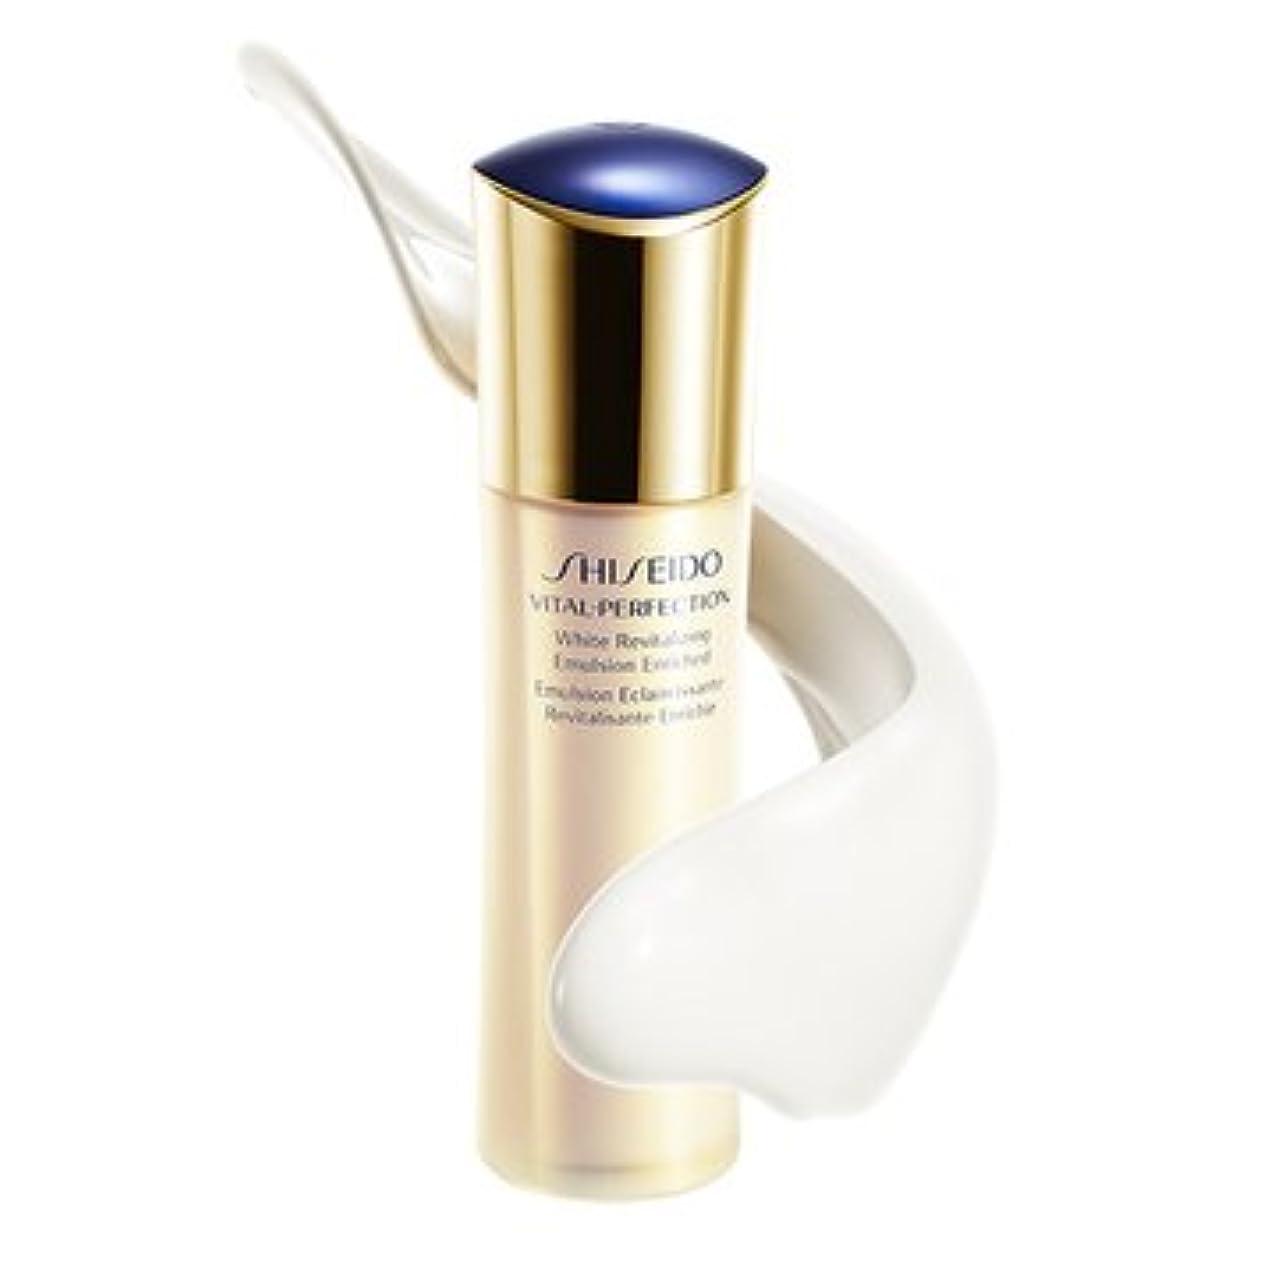 器用ハブブヒゲ資生堂/shiseido バイタルパーフェクション/VITAL-PERFECTION ホワイトRV エマルジョン(医薬部外品)美白乳液